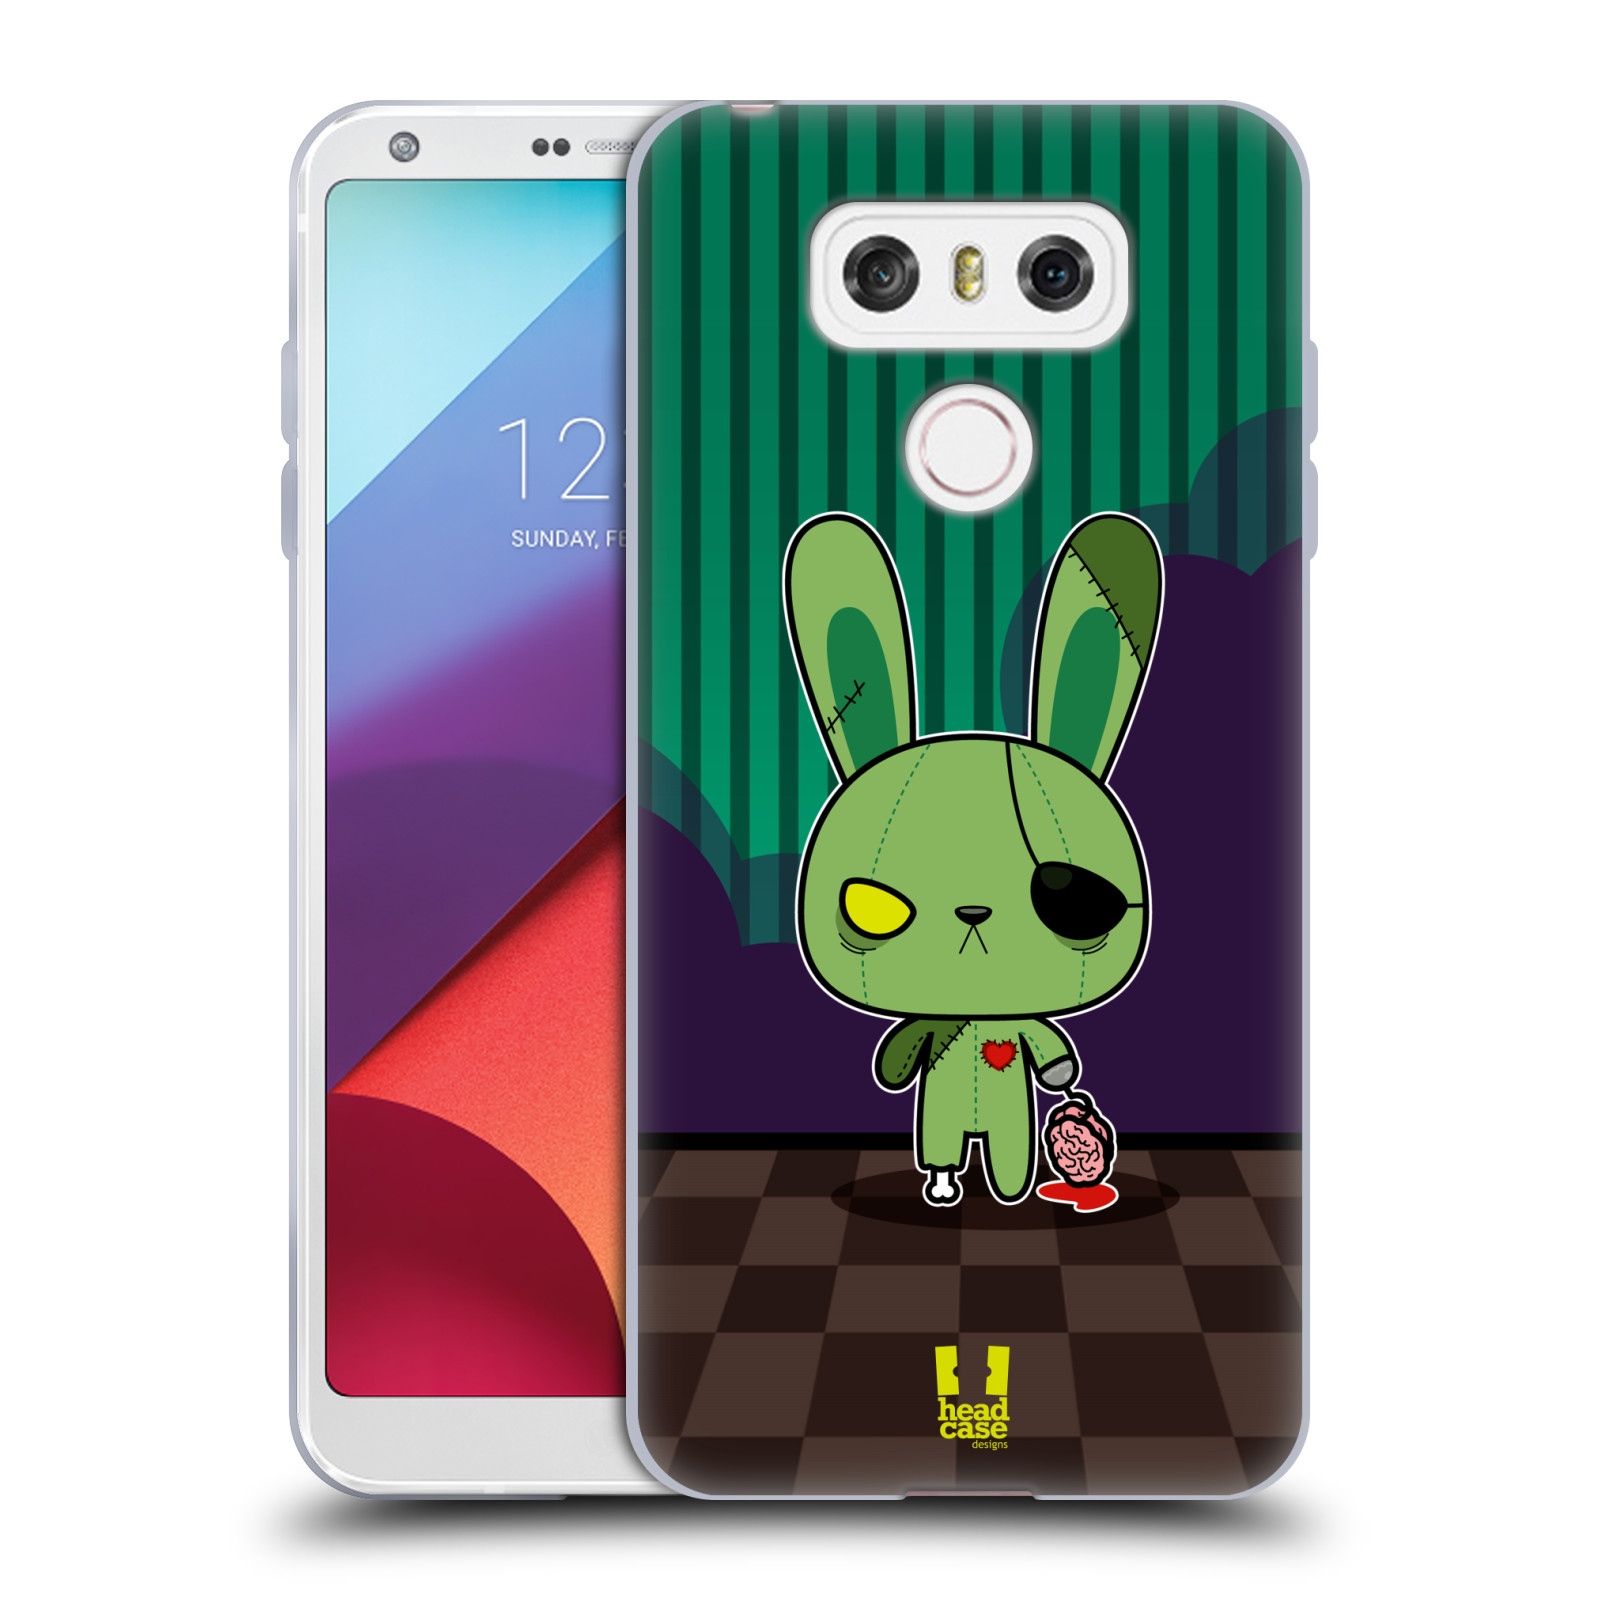 Silikonové pouzdro na mobil LG G6 - Head Case ZOMBIE KRÁLÍČEK (Silikonový kryt či obal na mobilní telefon LG G6 H870 / LG G6 Dual SIM H870DS)